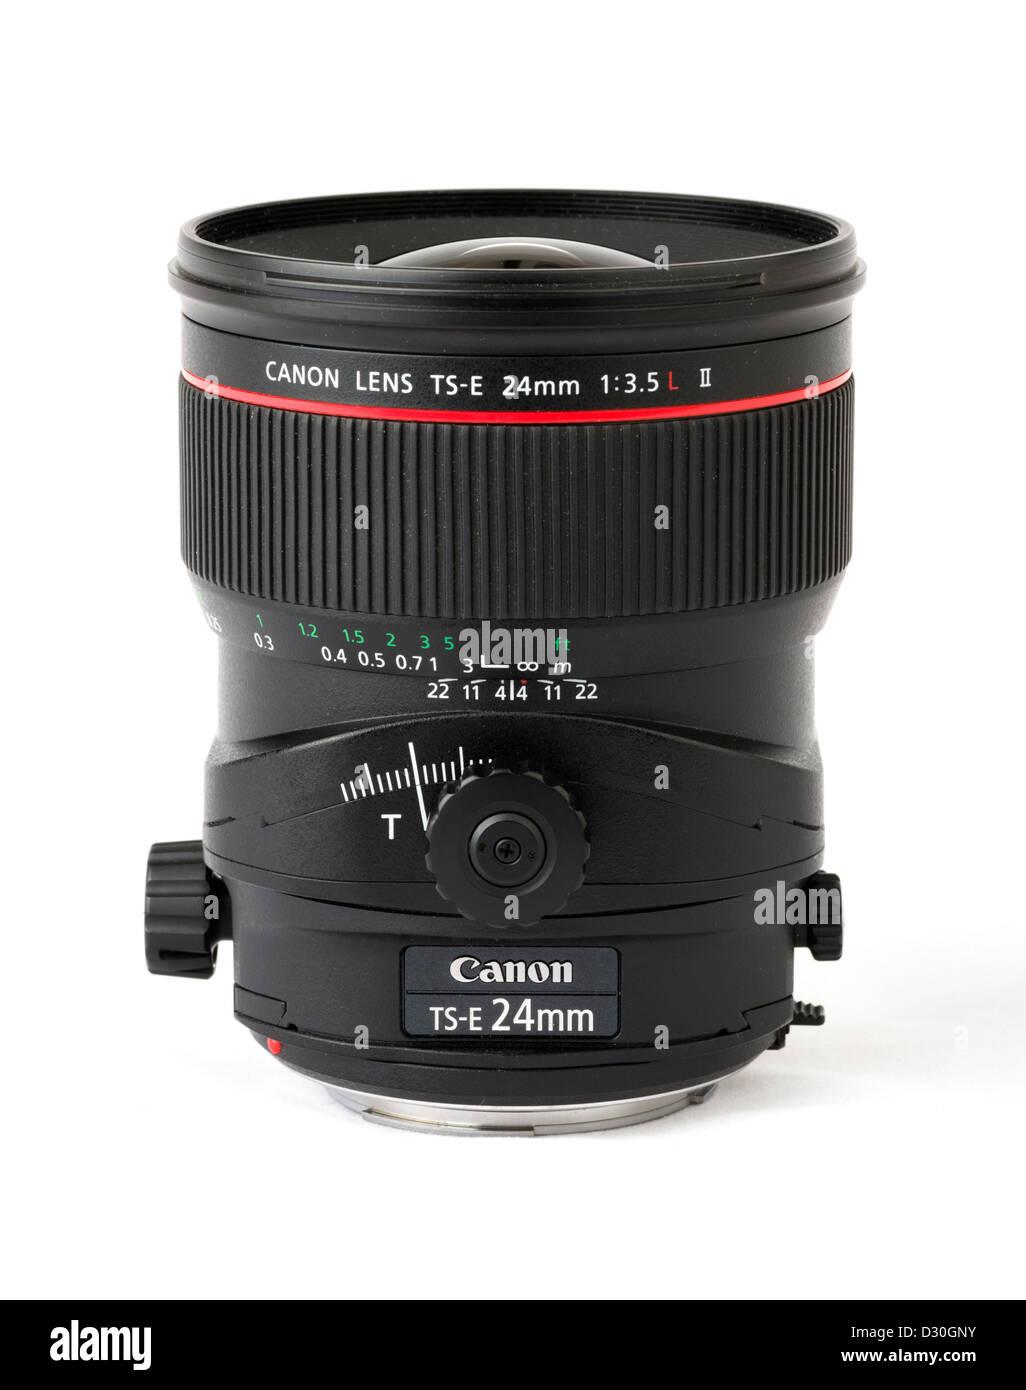 A Canon TS-E 24mm f/2.5L II Tilt and Shift Lens - Stock Image